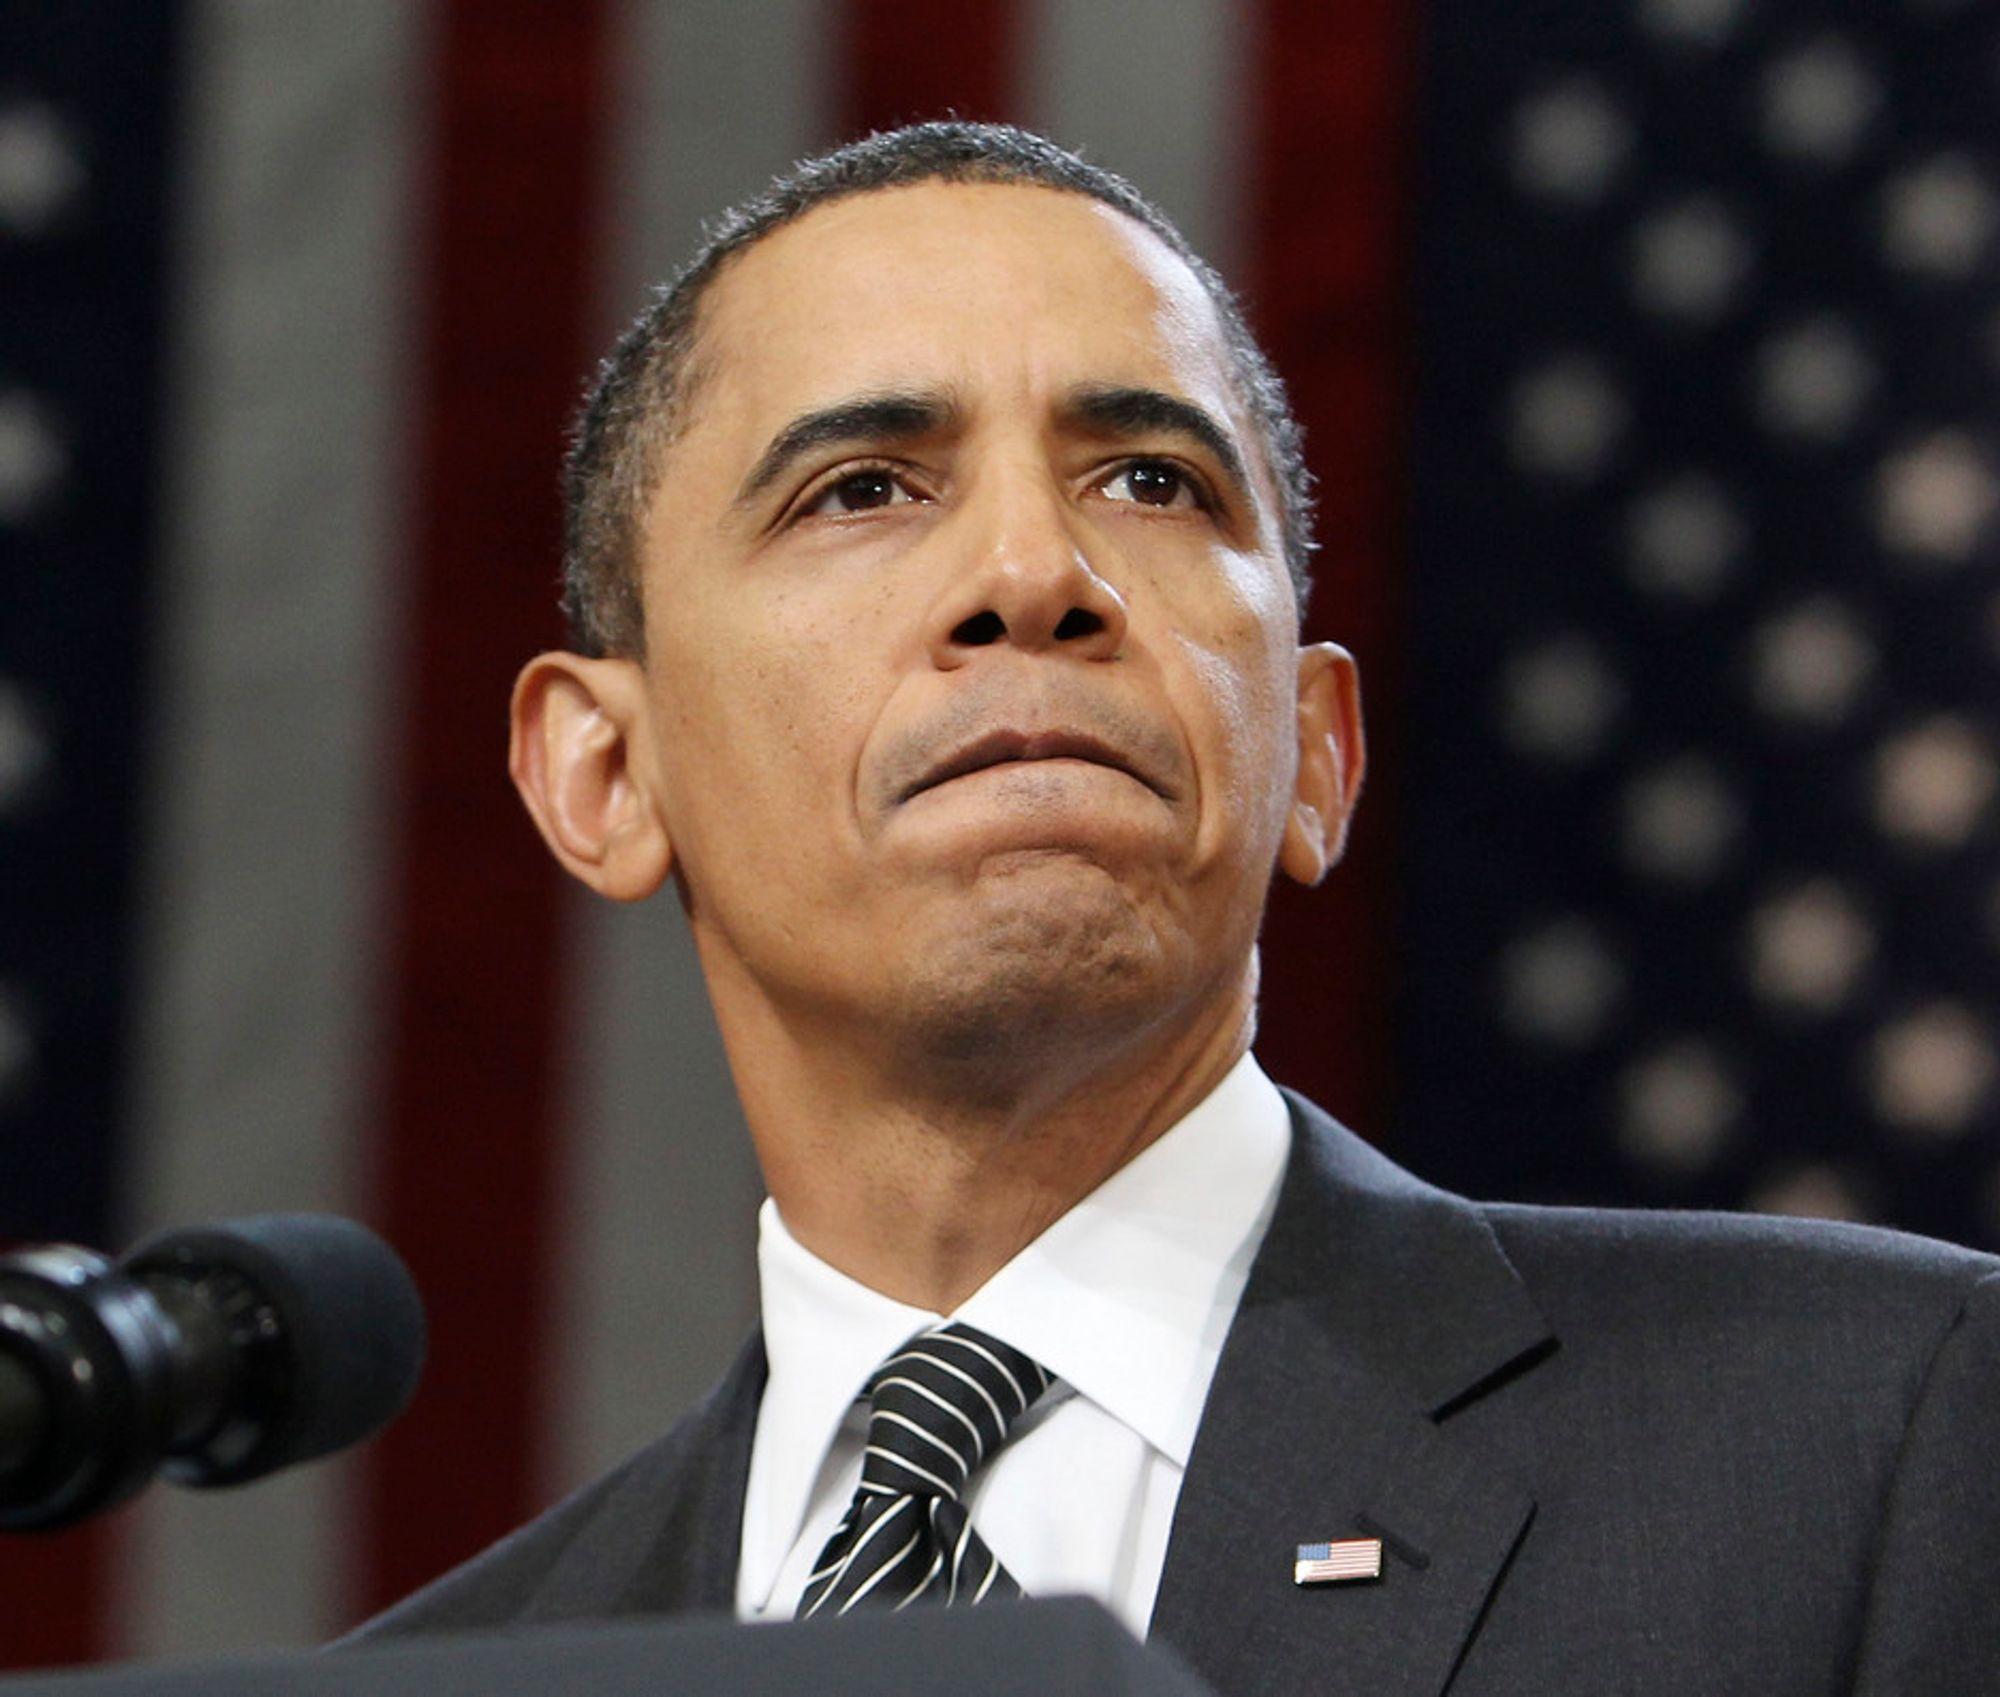 BP må gjøre opp for seg, og ikke slenge småpenger til dem som er rammet av katastrofen, sier president Barack Obama.